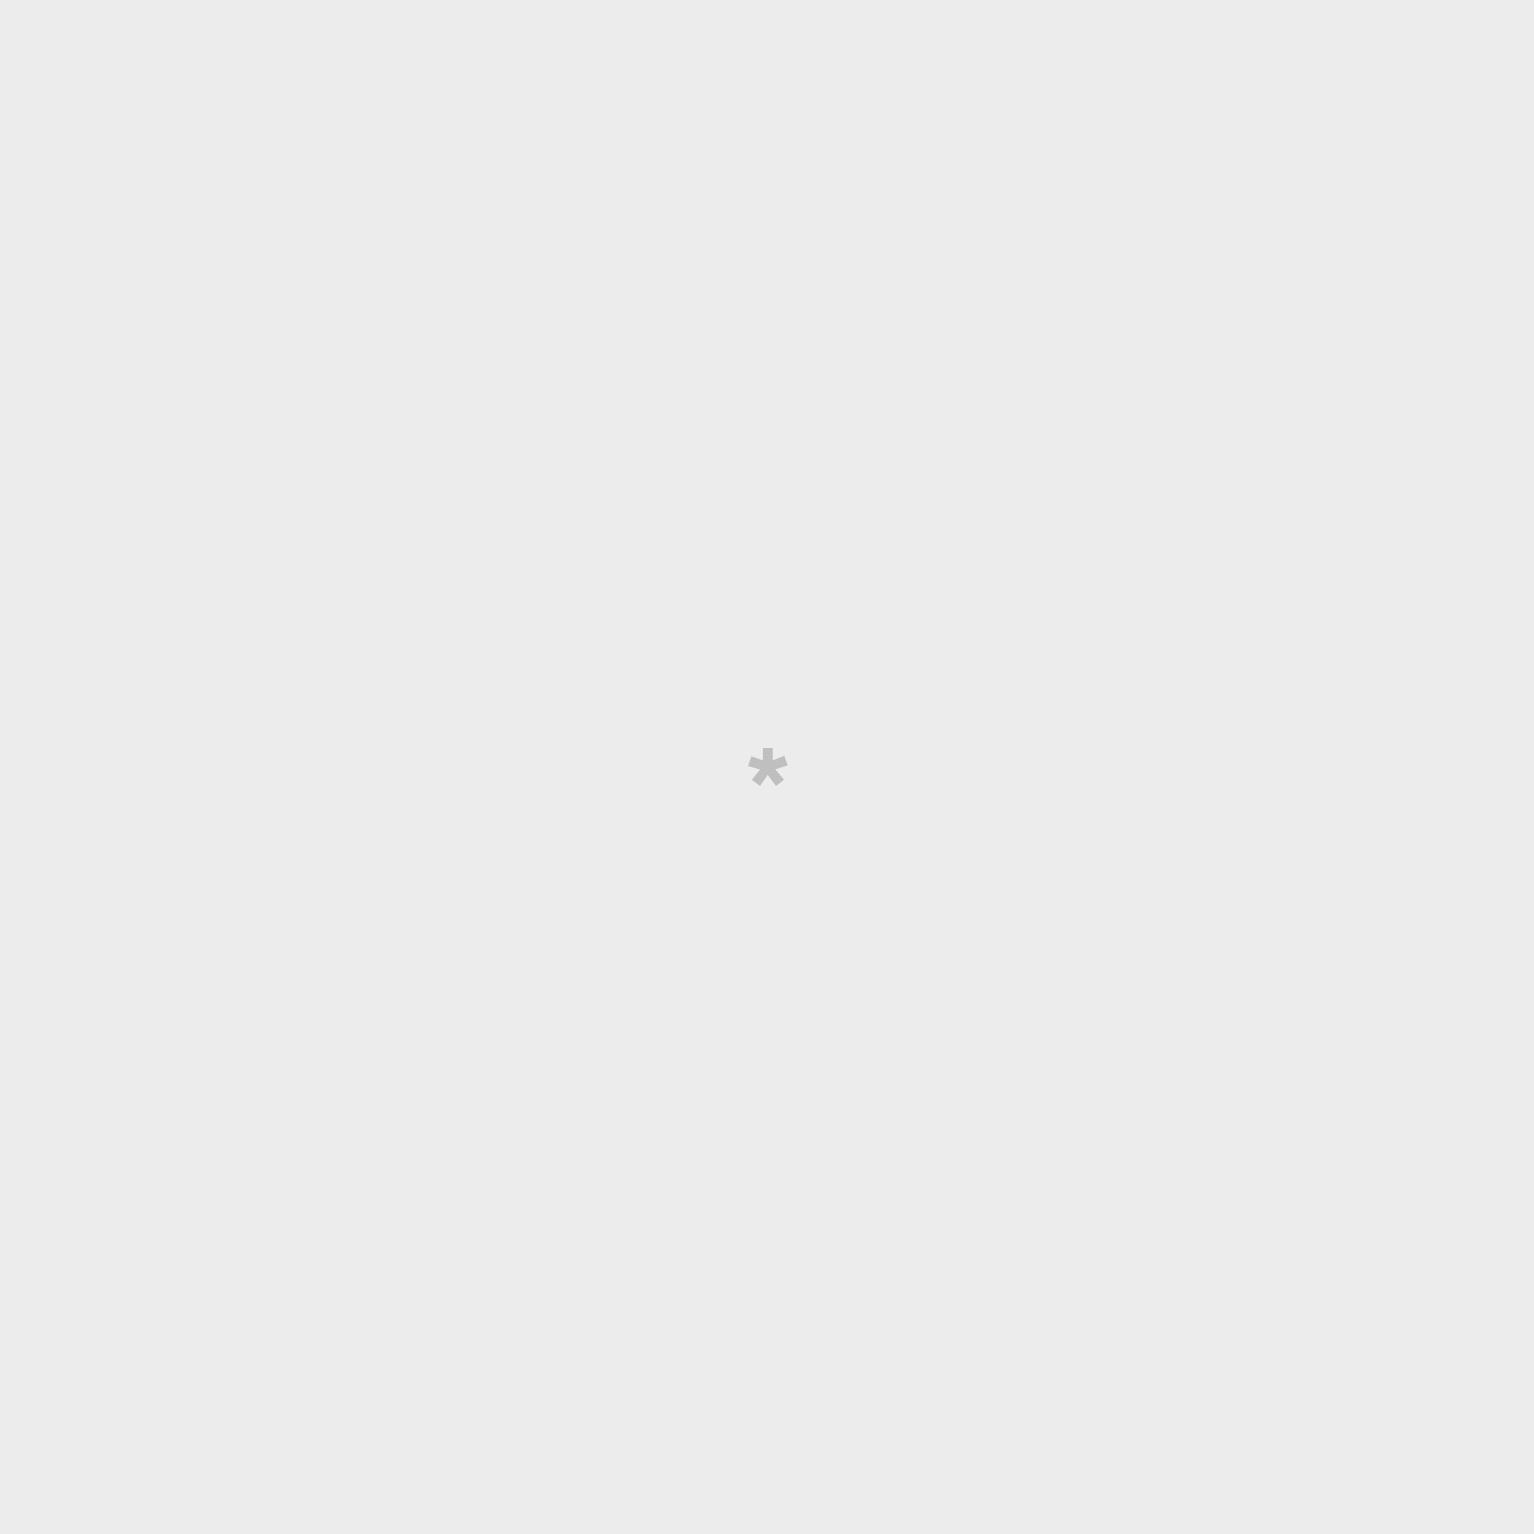 Libro de pegatinas para poner bonitos tus dispositivos favoritos